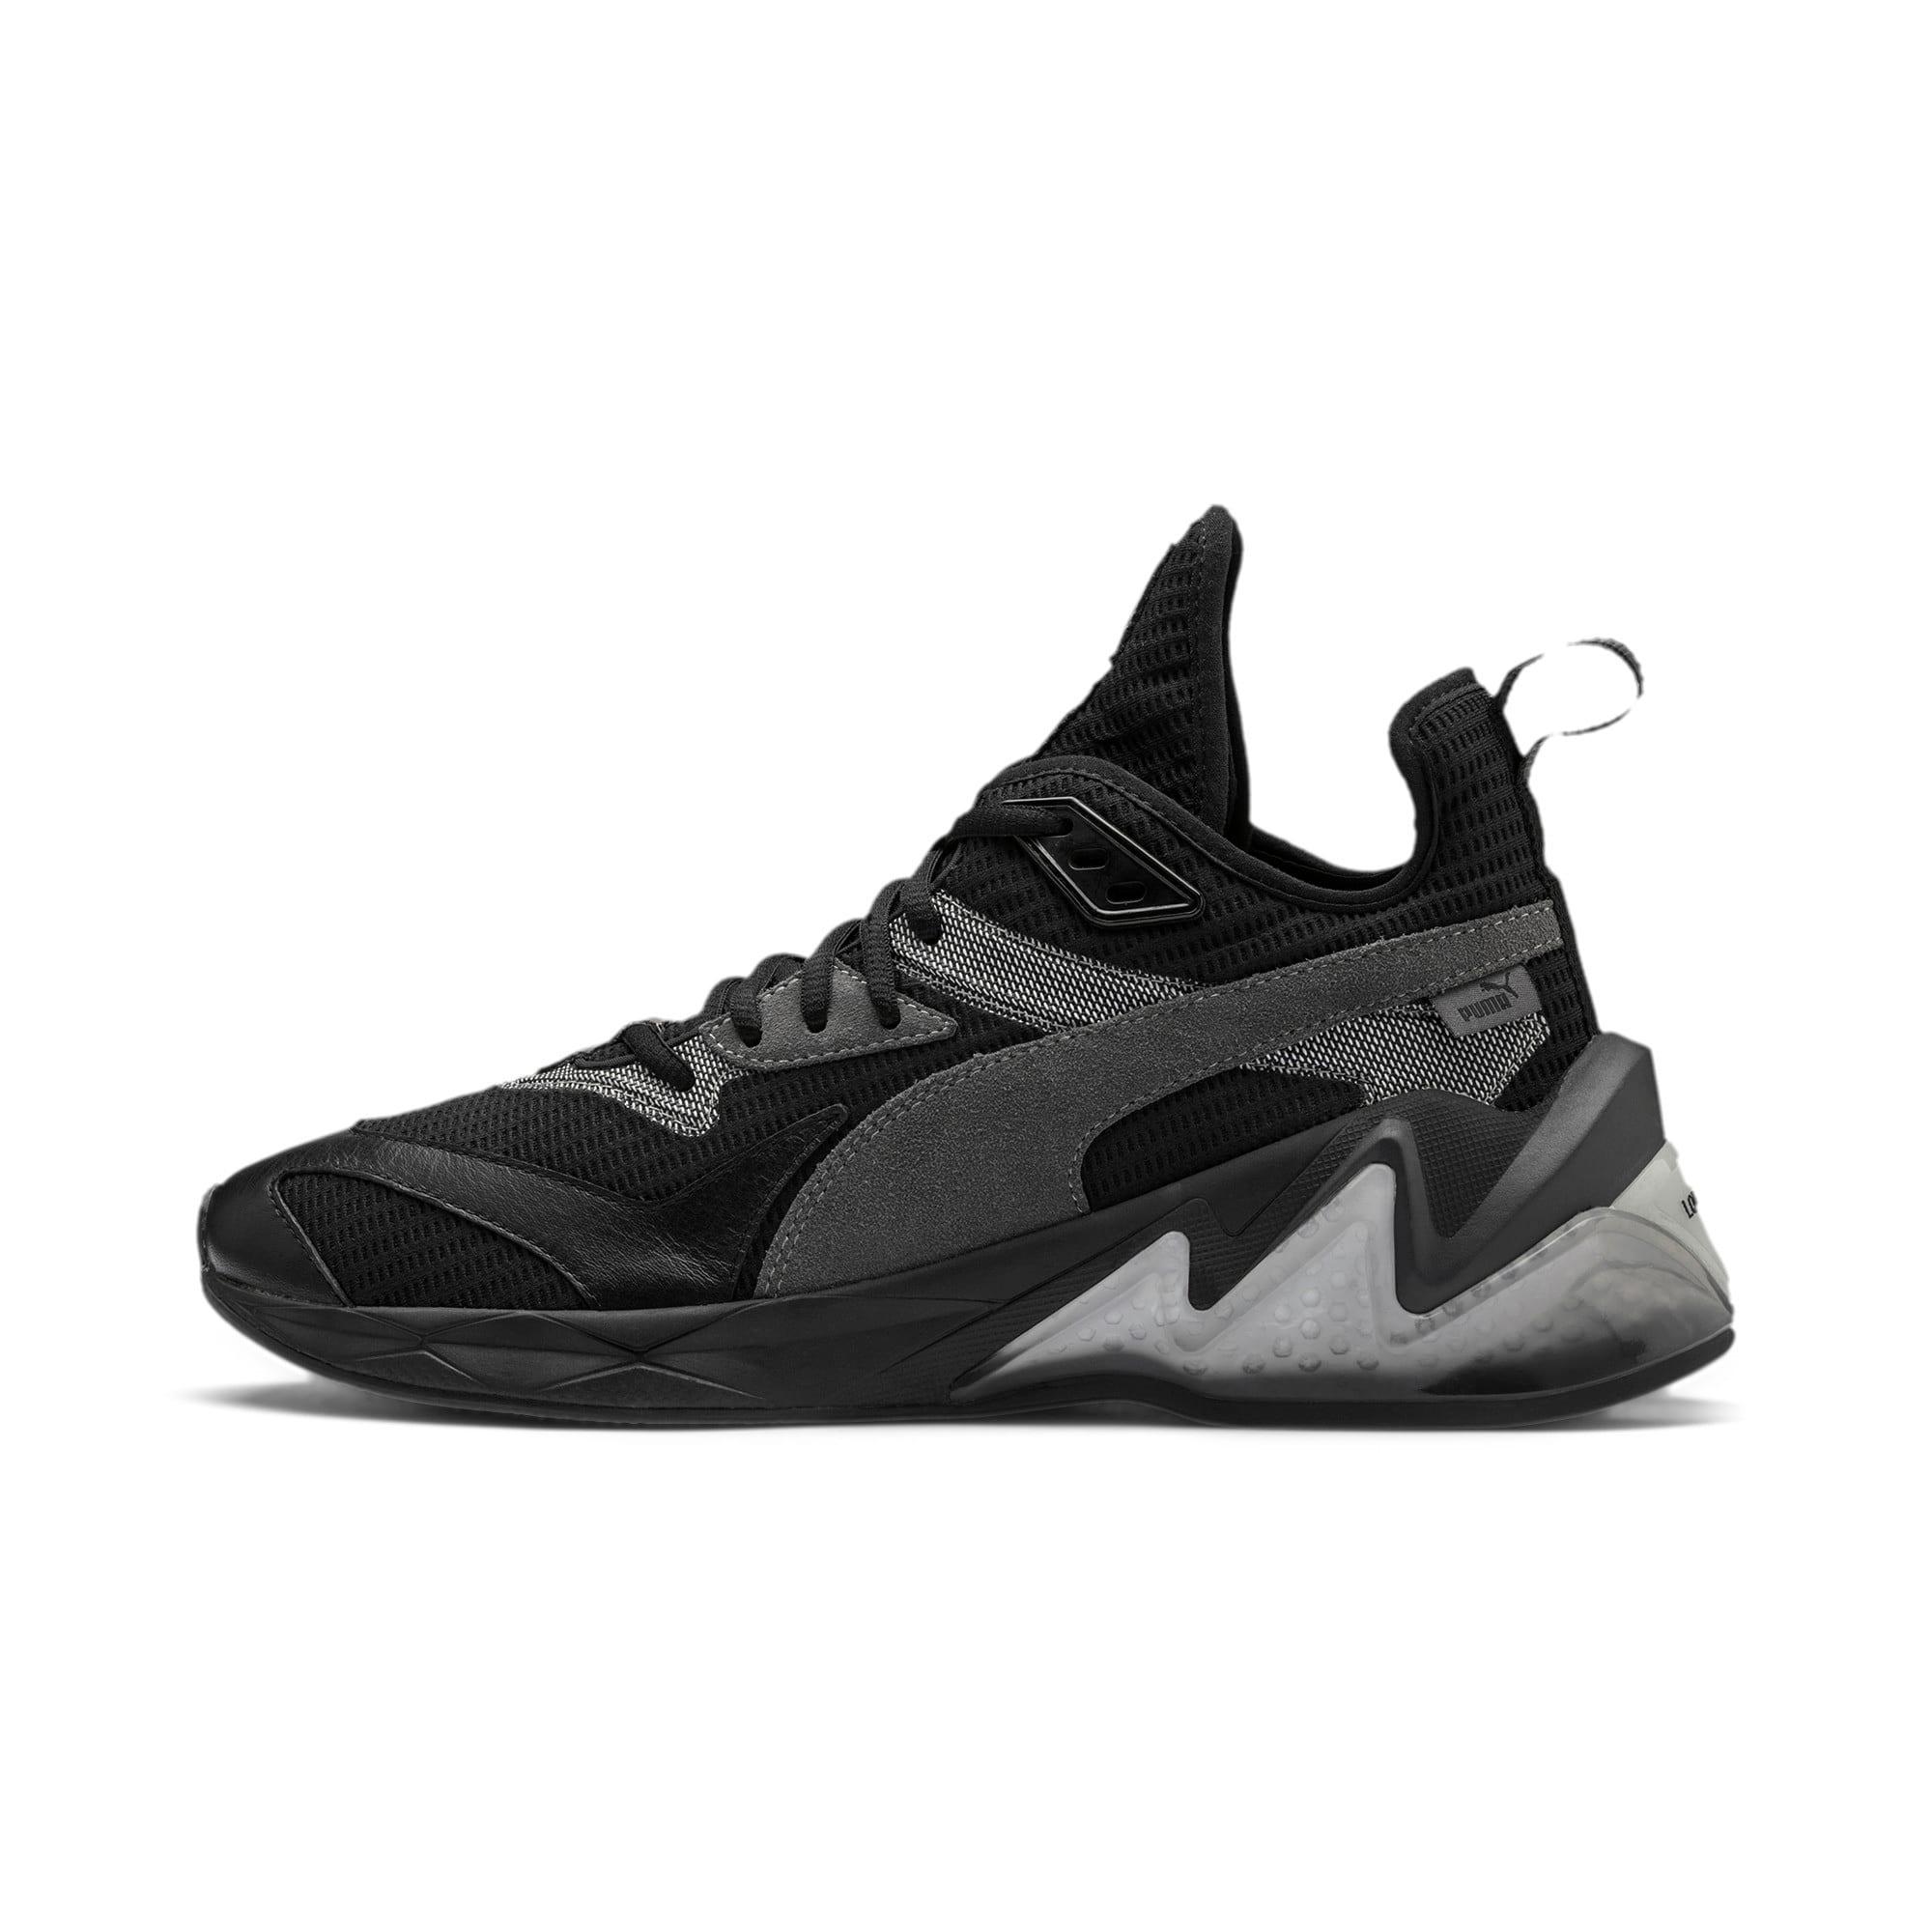 Anteprima 1 di LQDCELL Origin Men's Shoes, Puma Black-Asphalt, medio